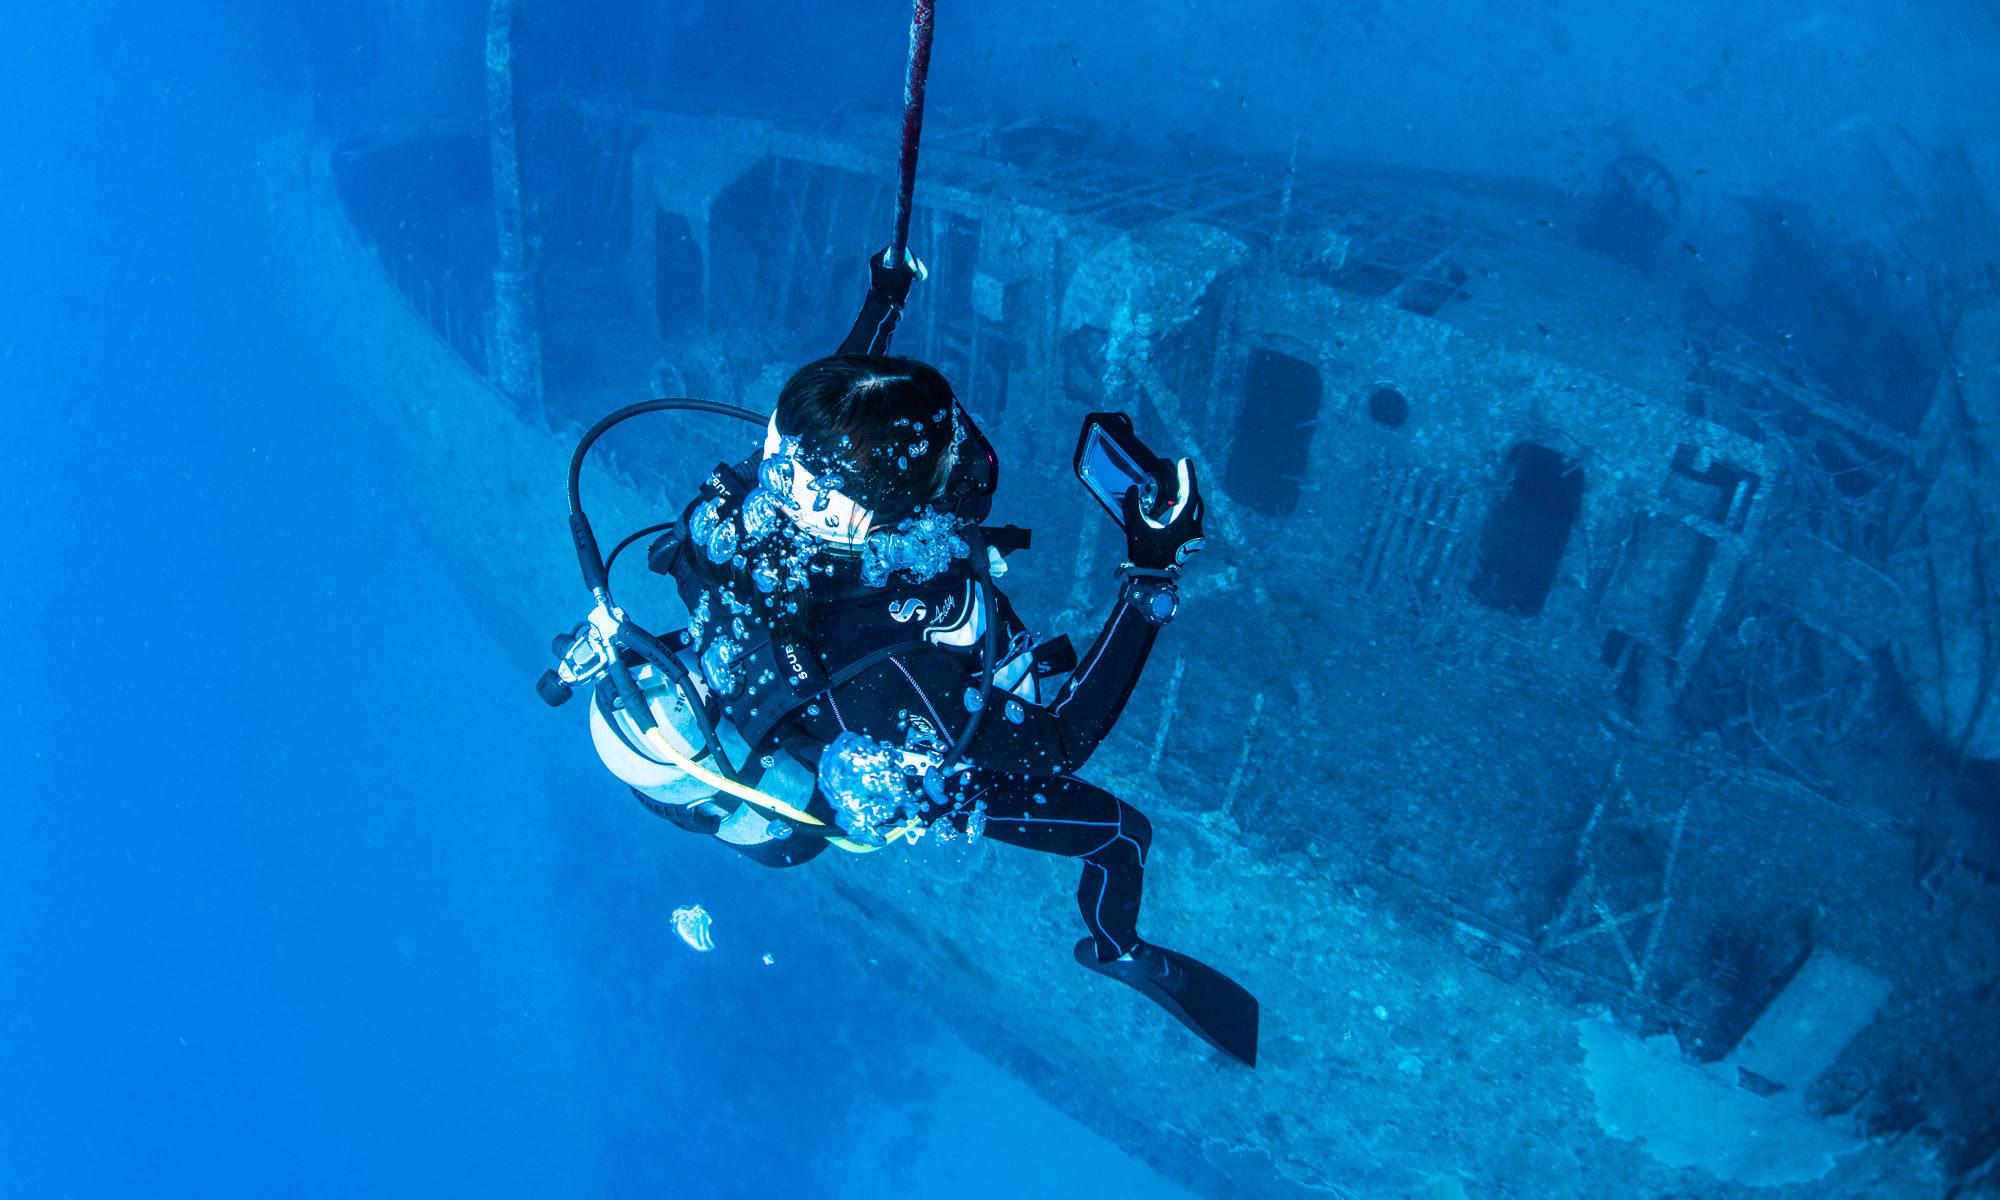 エモンズの沈没船って何?沖縄のレックダイビング